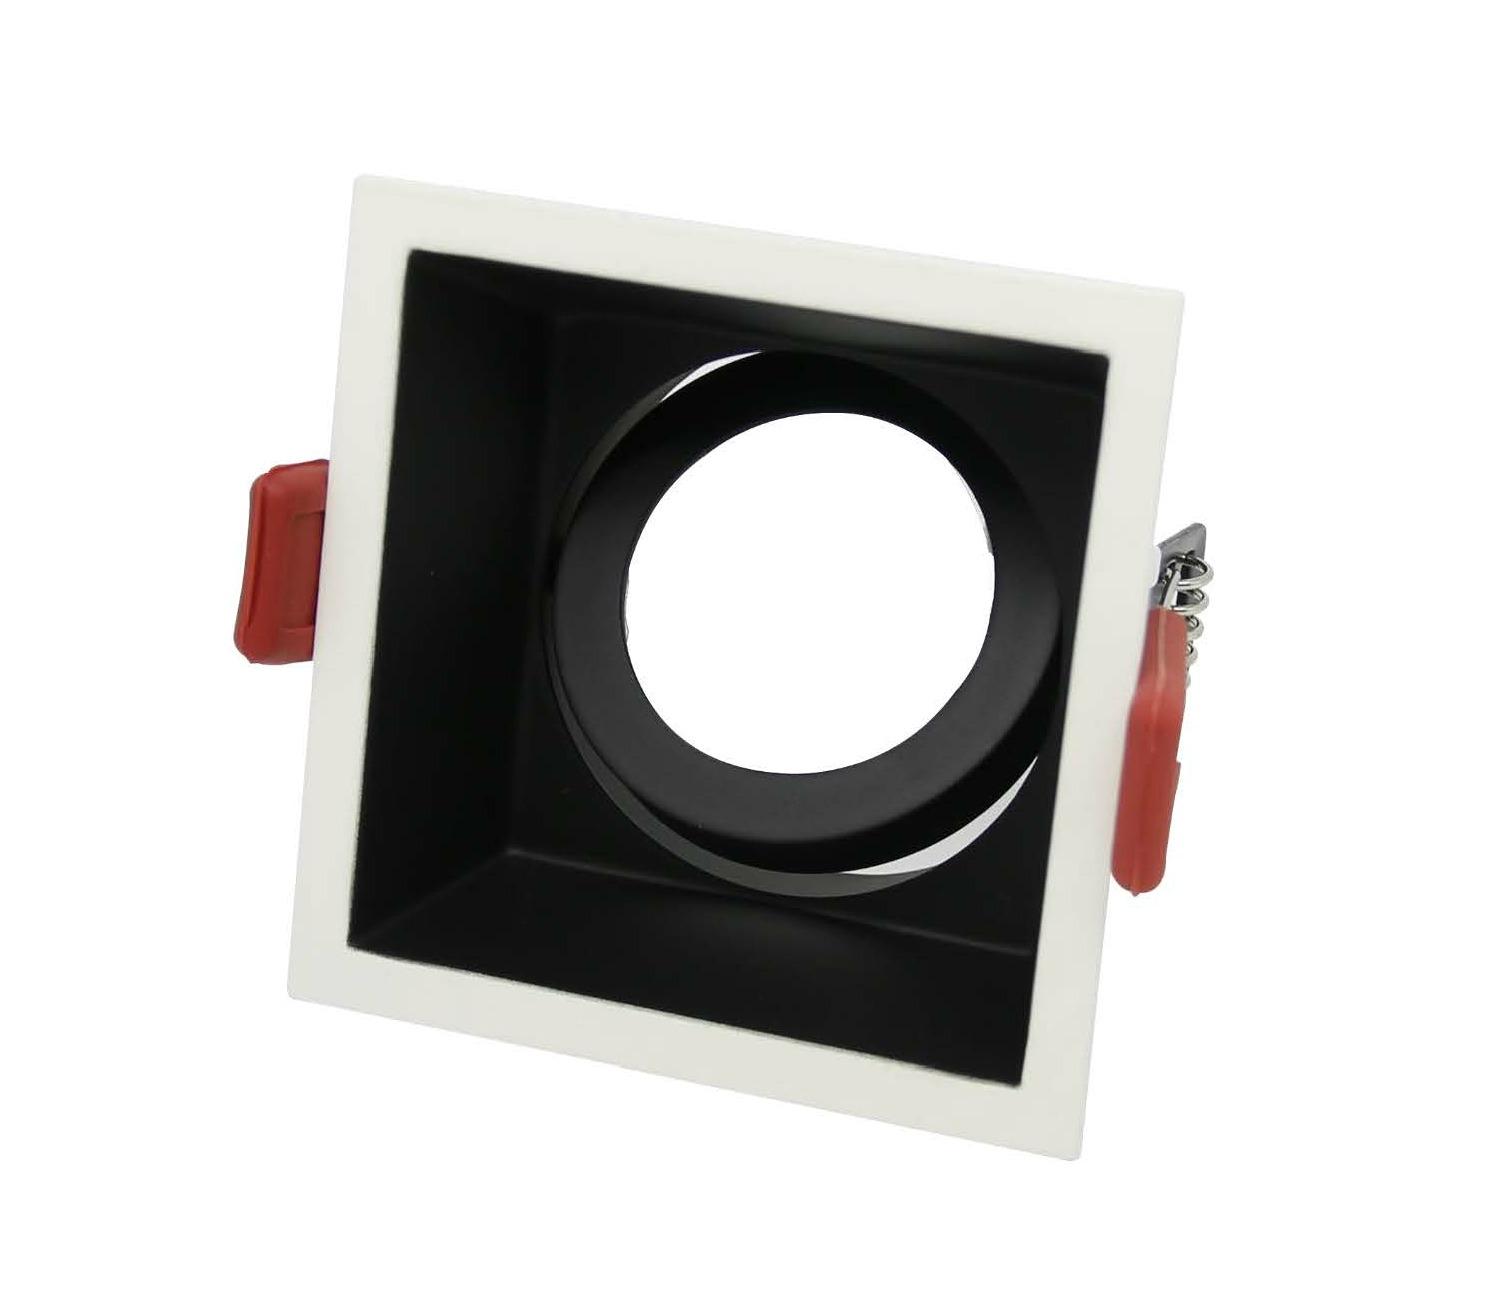 LED Downlight Frames | Australian Supplier of High Quality LED ...